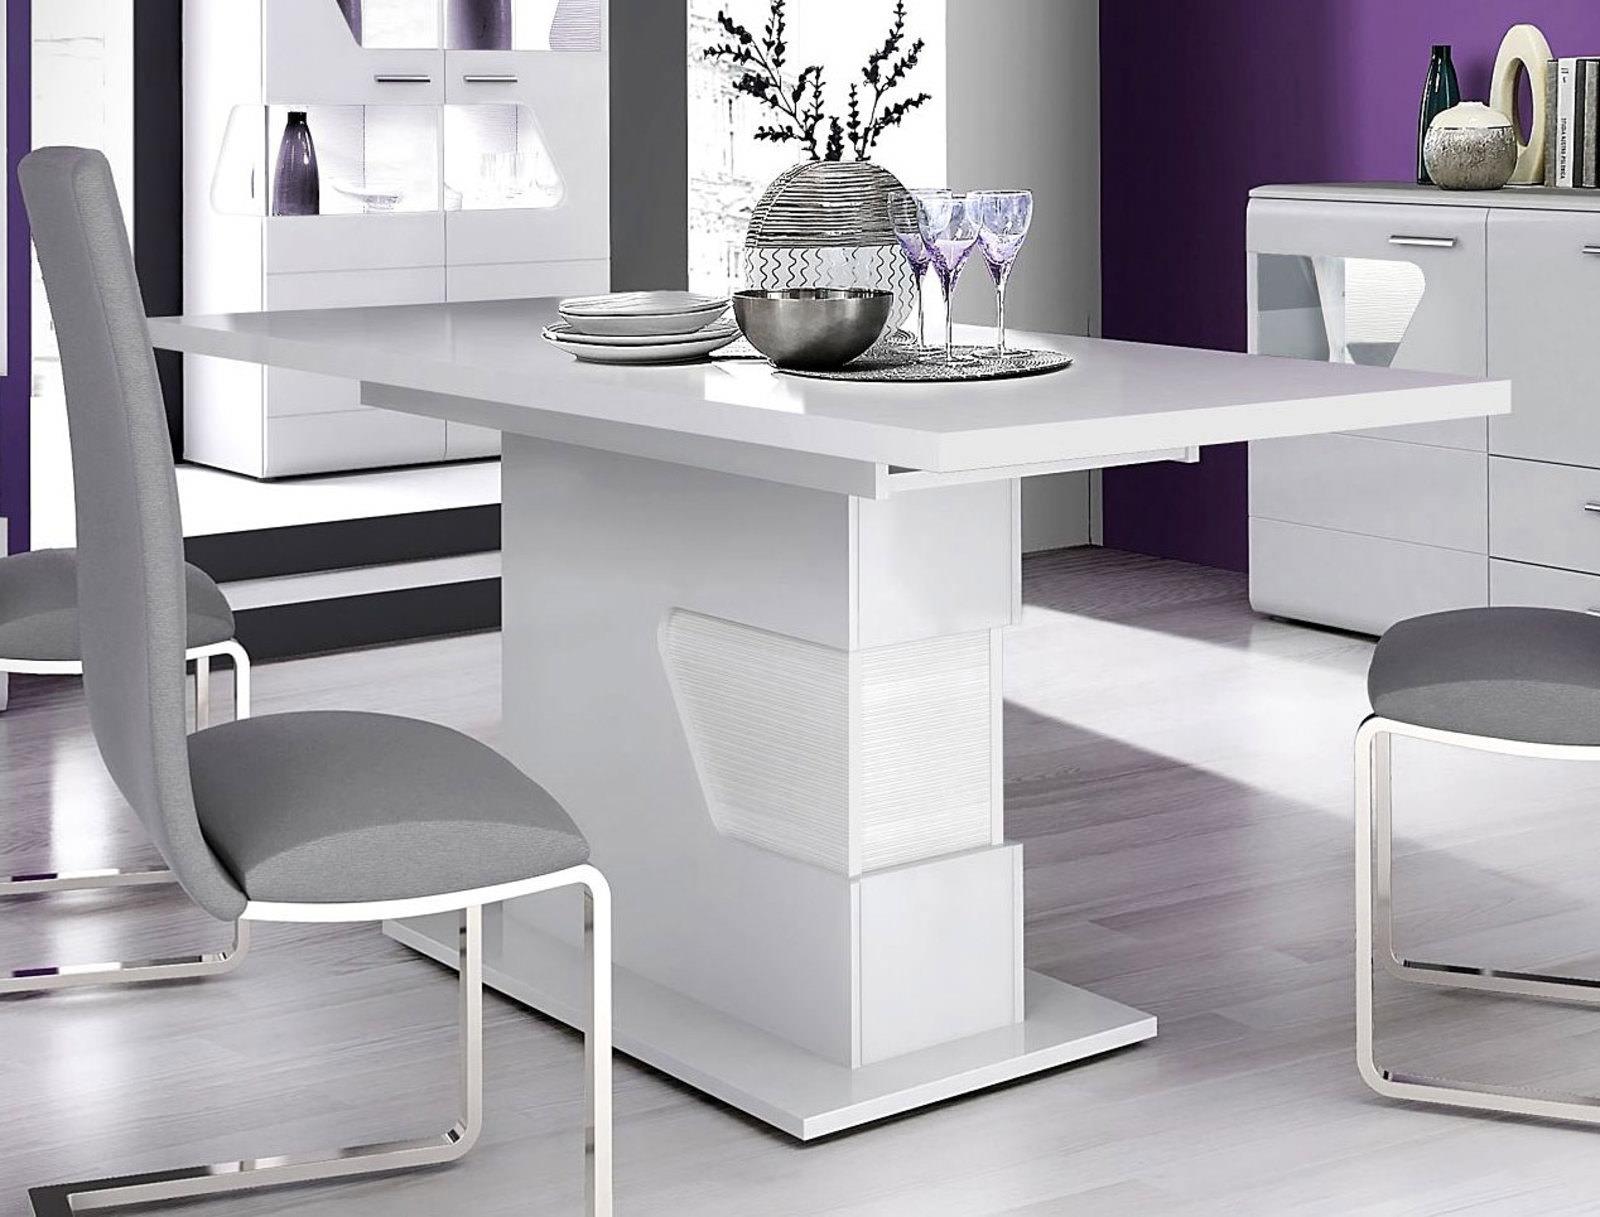 esstisch vito m bel design idee f r sie. Black Bedroom Furniture Sets. Home Design Ideas